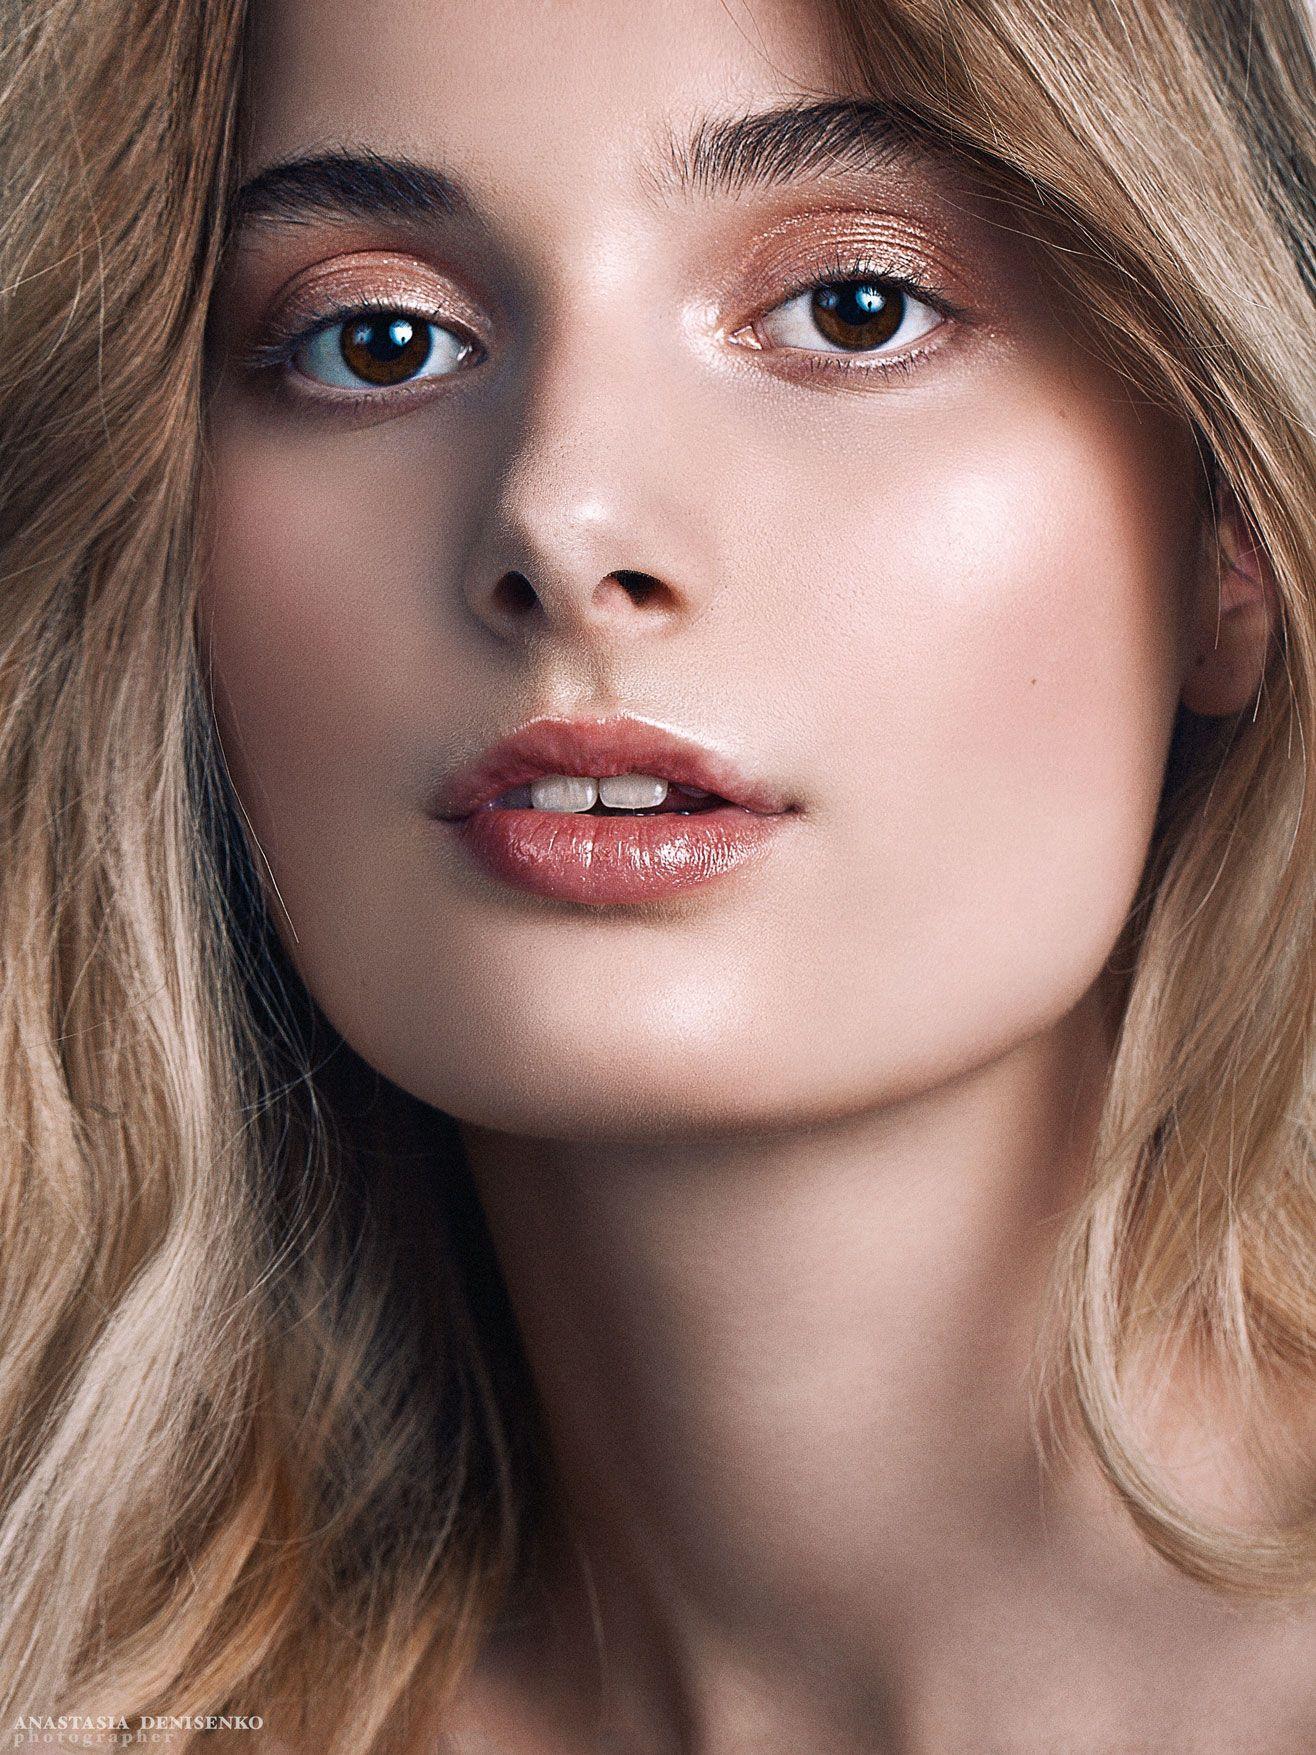 бьюти съемка портрет глянец красивая девушка модель фотограф москва студийная съемка портфолио, Анастасия Денисенко